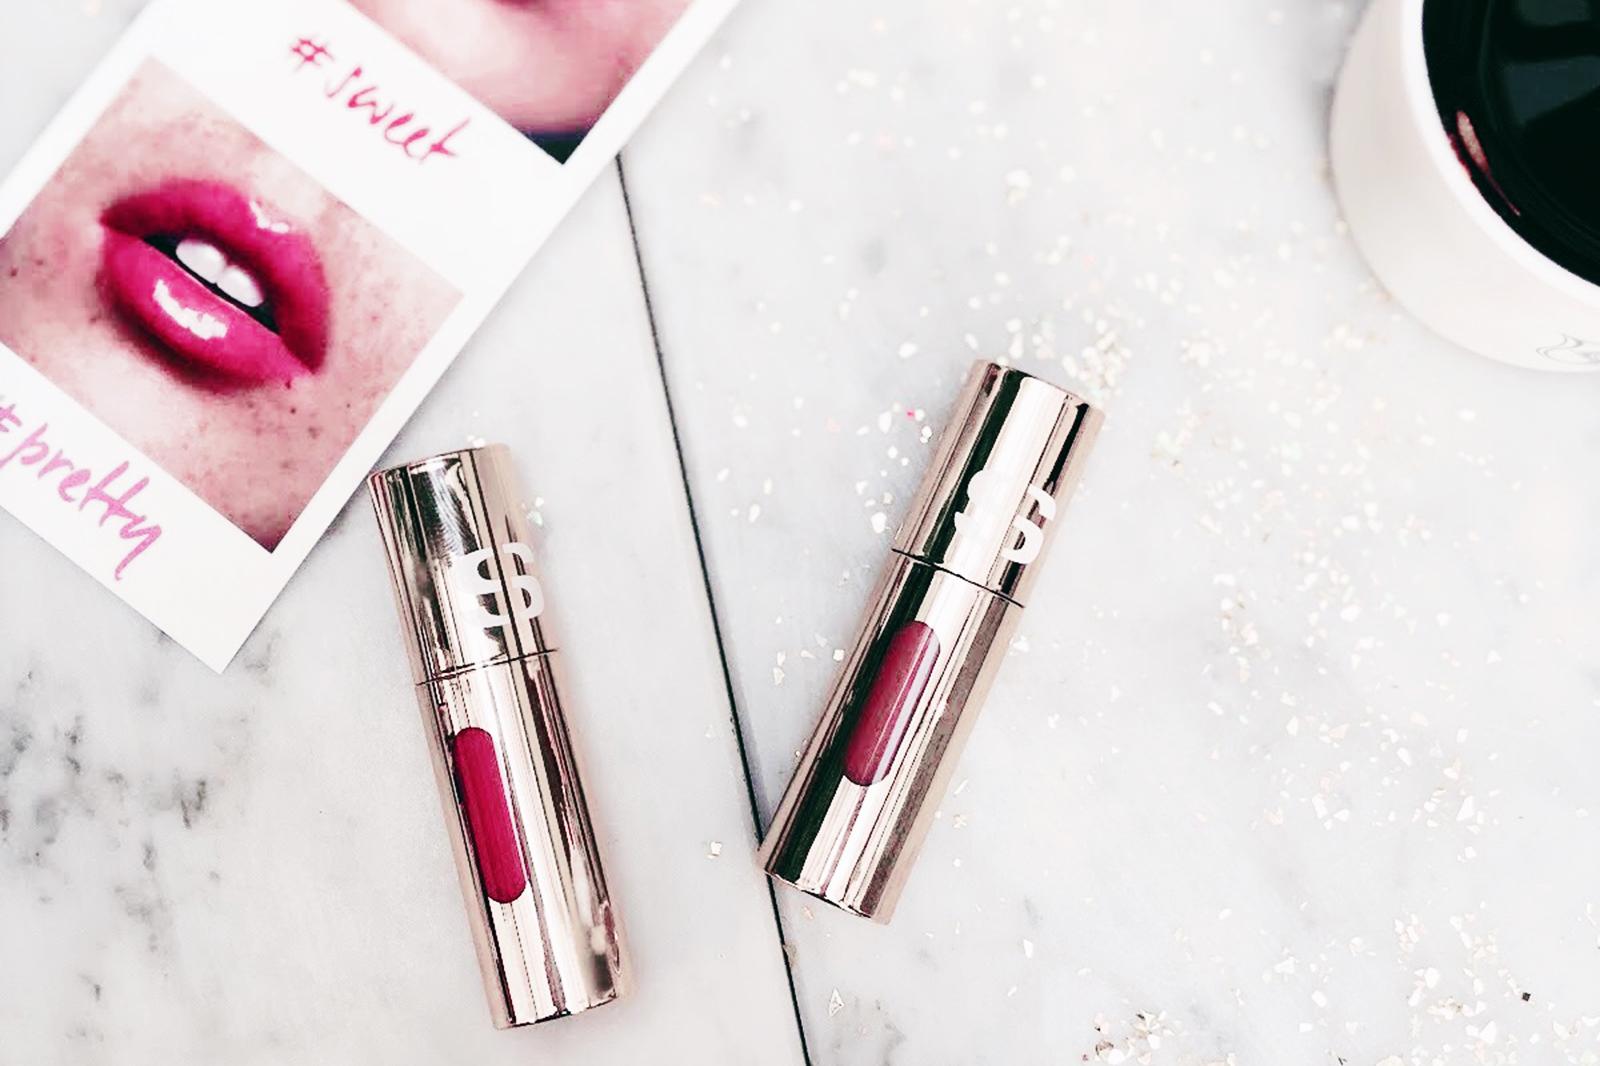 sisley phyto lip delight baume à lèvres teinté avis test swatch